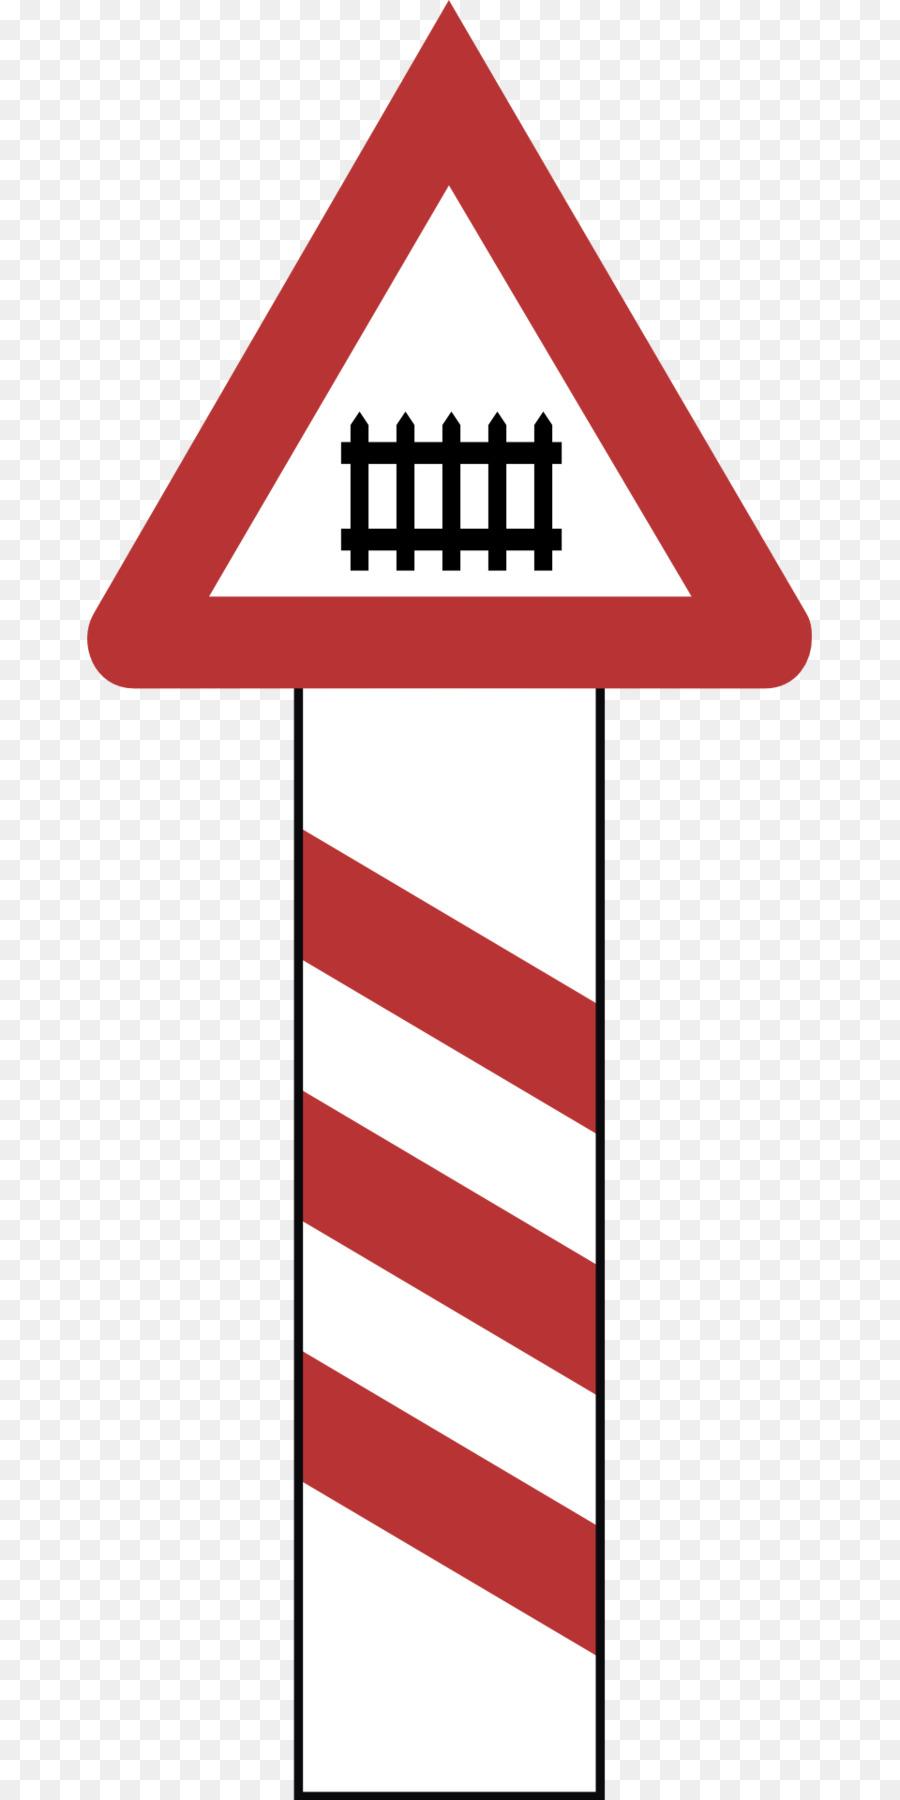 Не один здесь знак, а много: Здесь железная дорога! Рельсы, шпалы и пути С электричкой не шути.